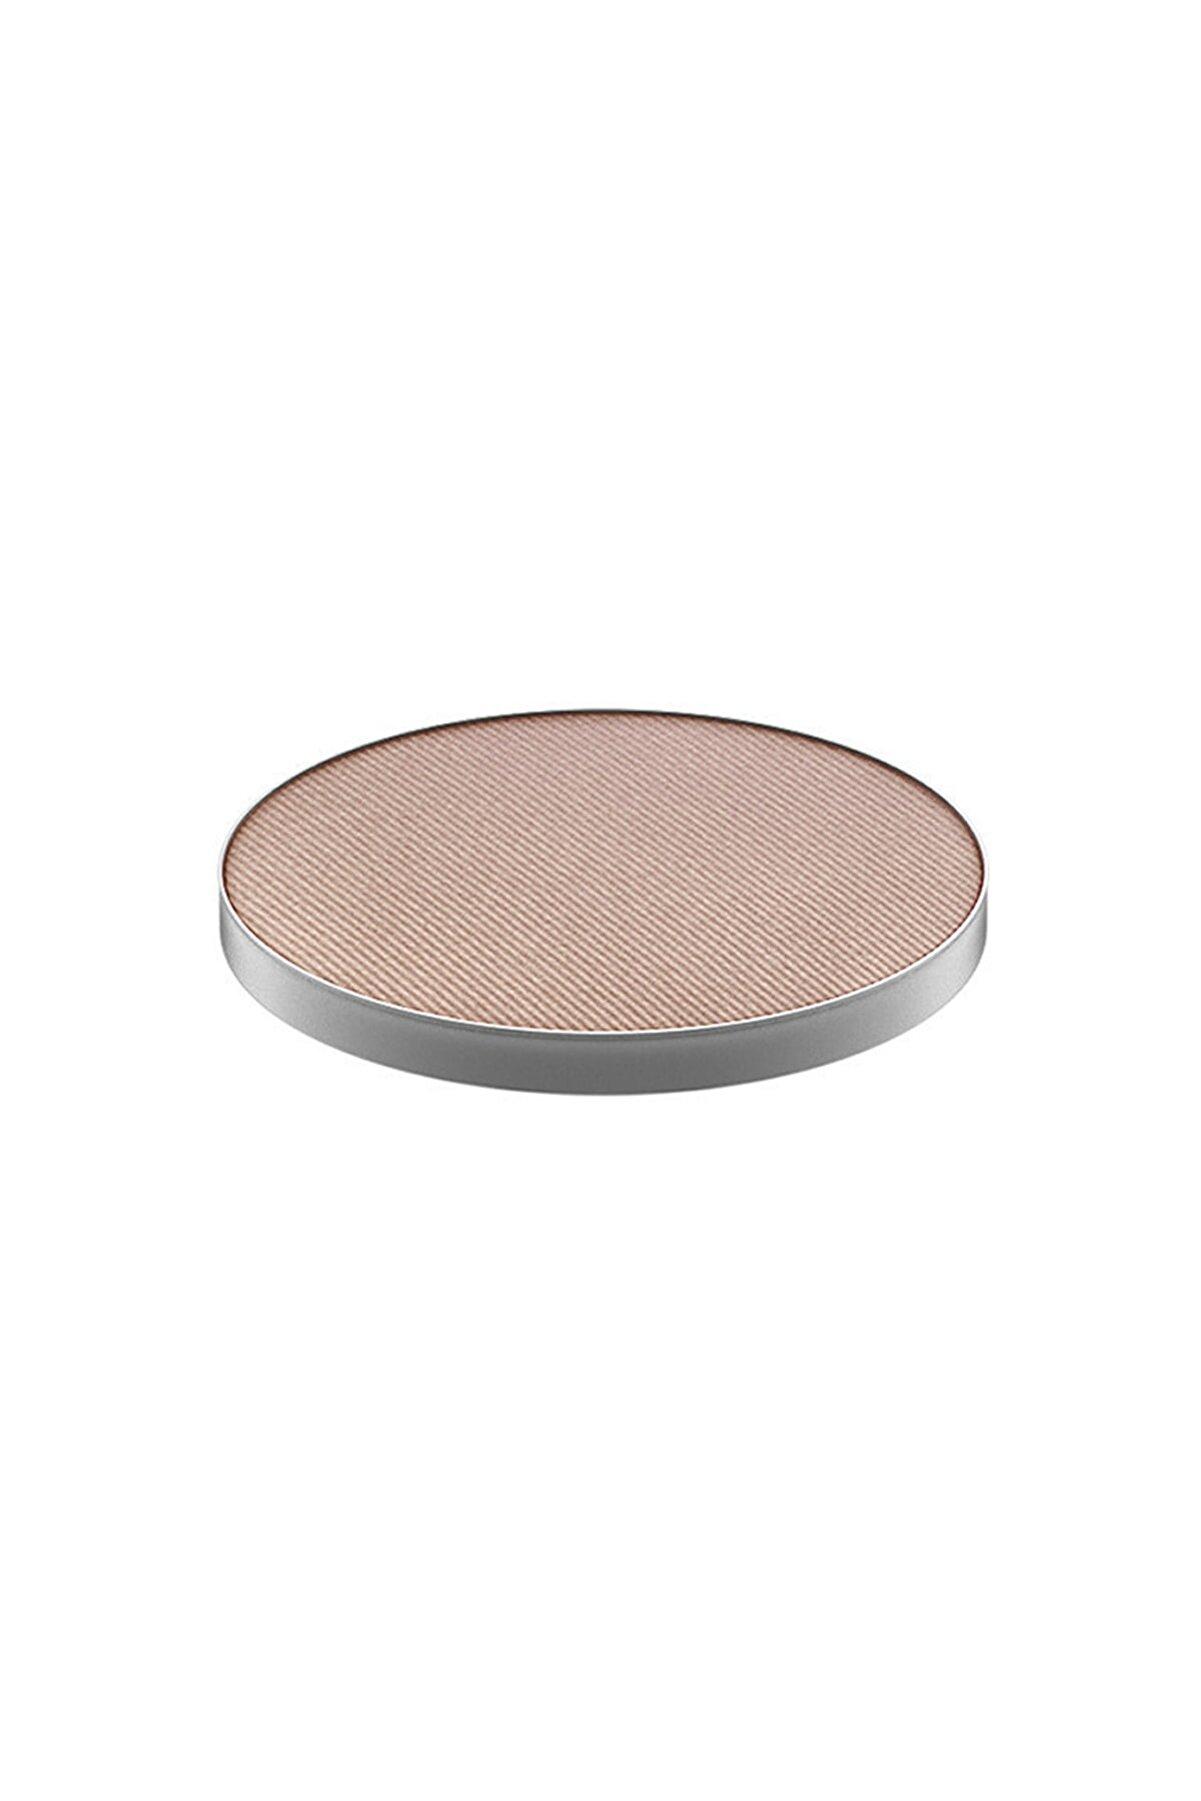 Mac Refill Allık - Powder Blush Pro Palette Refill Pan Taupe 6 g 773602364794